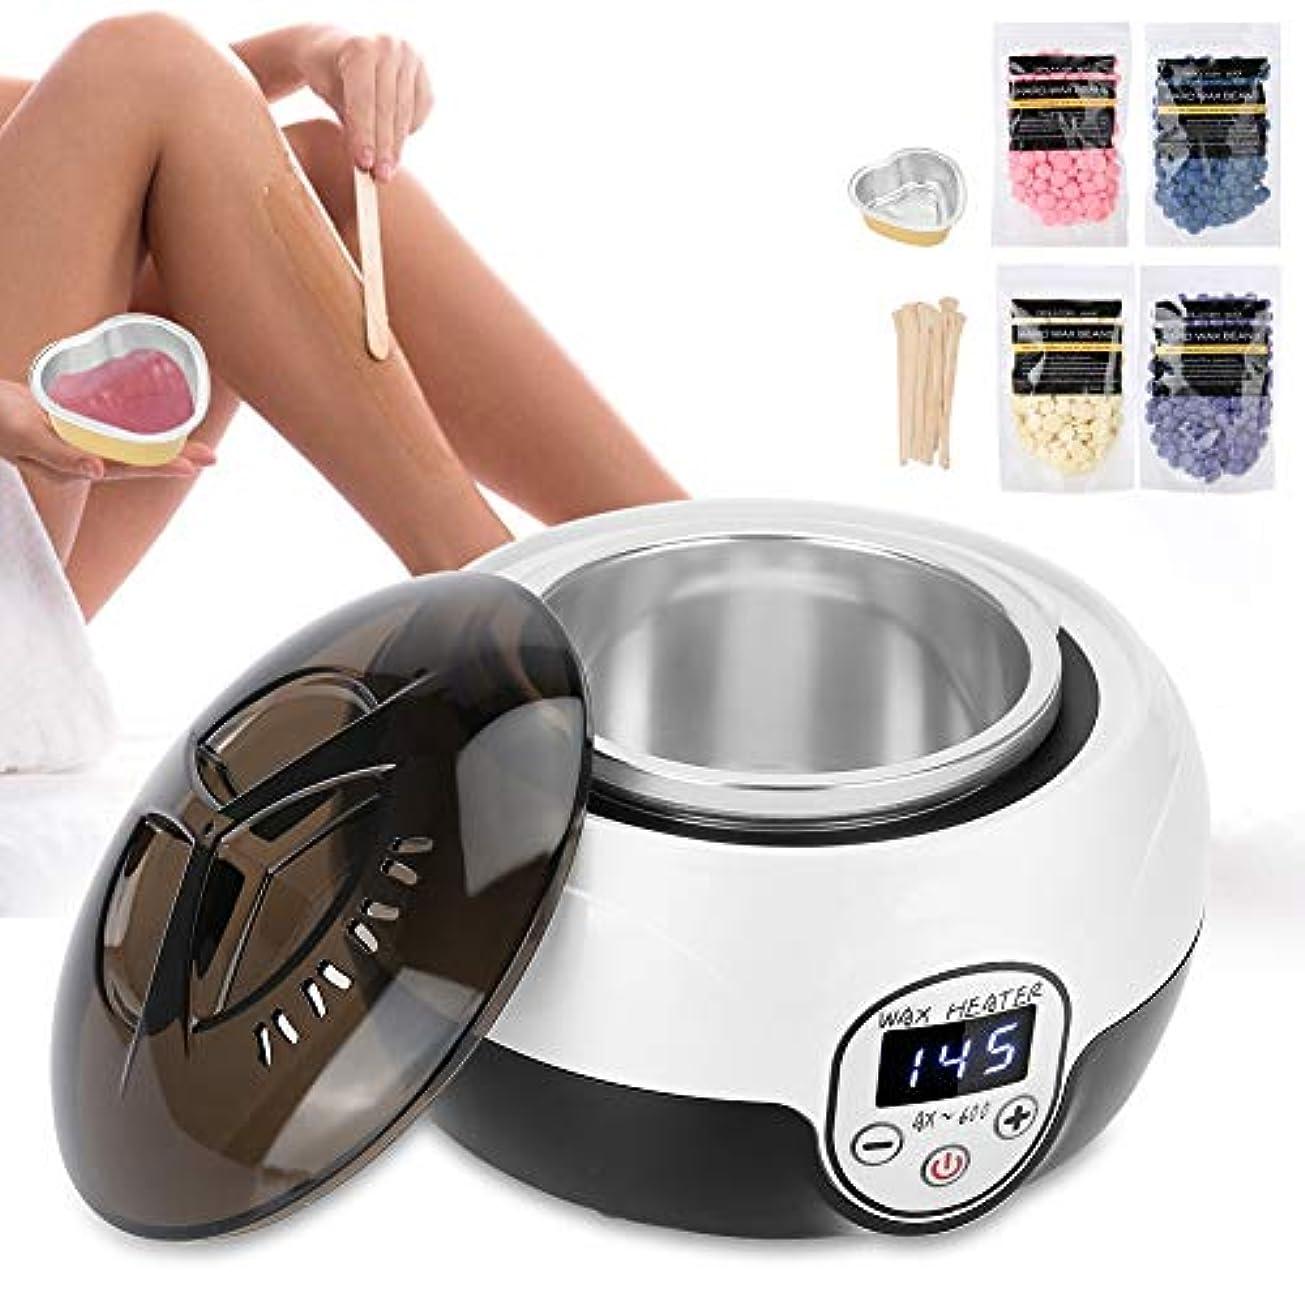 ワックスウォーマー脱毛キット、温度調節可能なデジタルディスプレイ画面ワックス加熱付き電気脱毛ワックスヒーターマシン(米国)